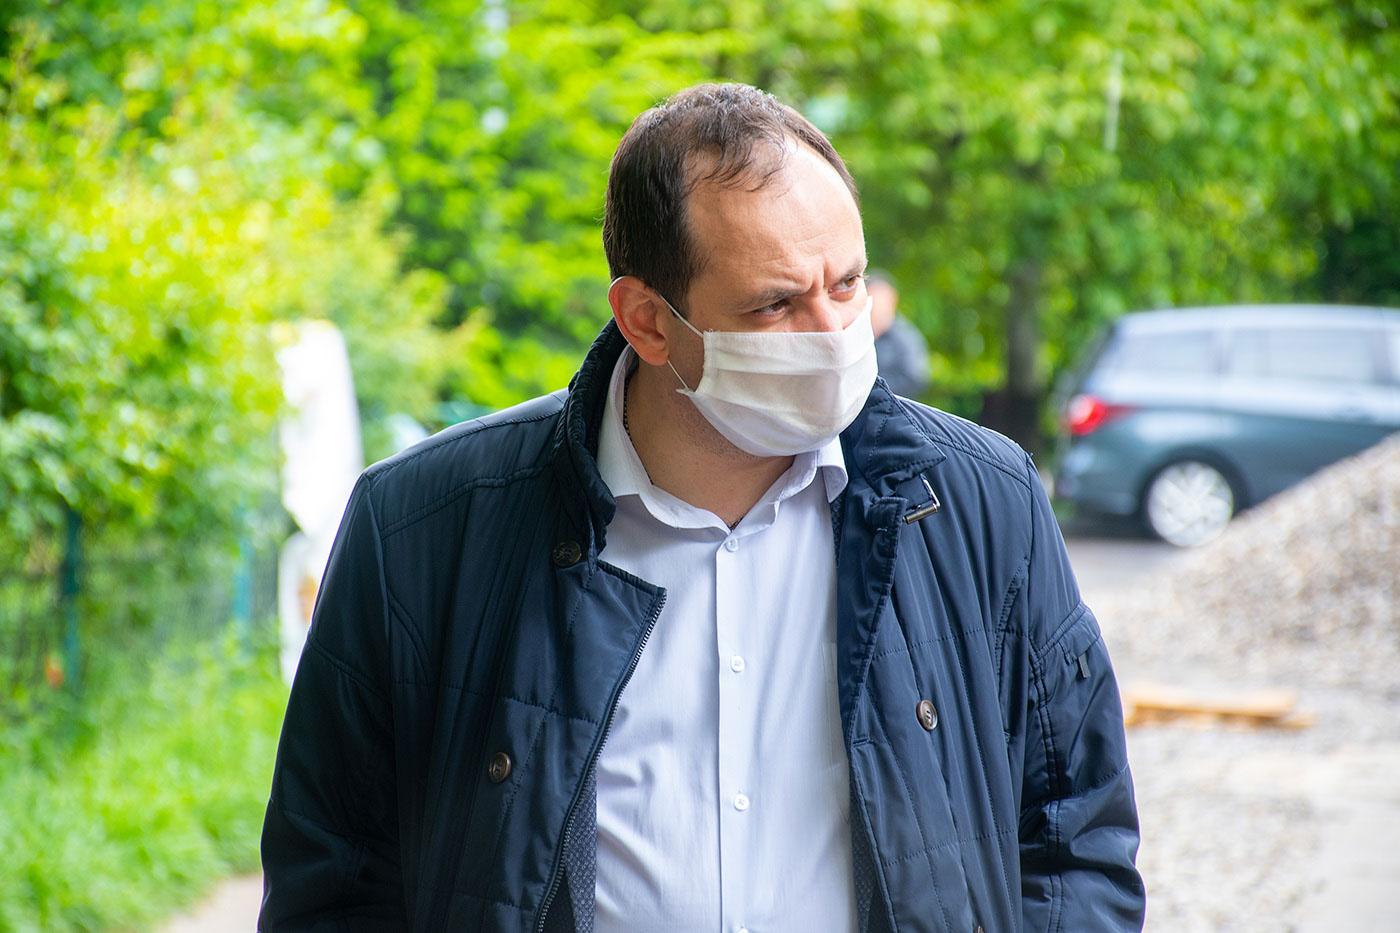 Марцінків здав тест на коронавірус – не підтвердився